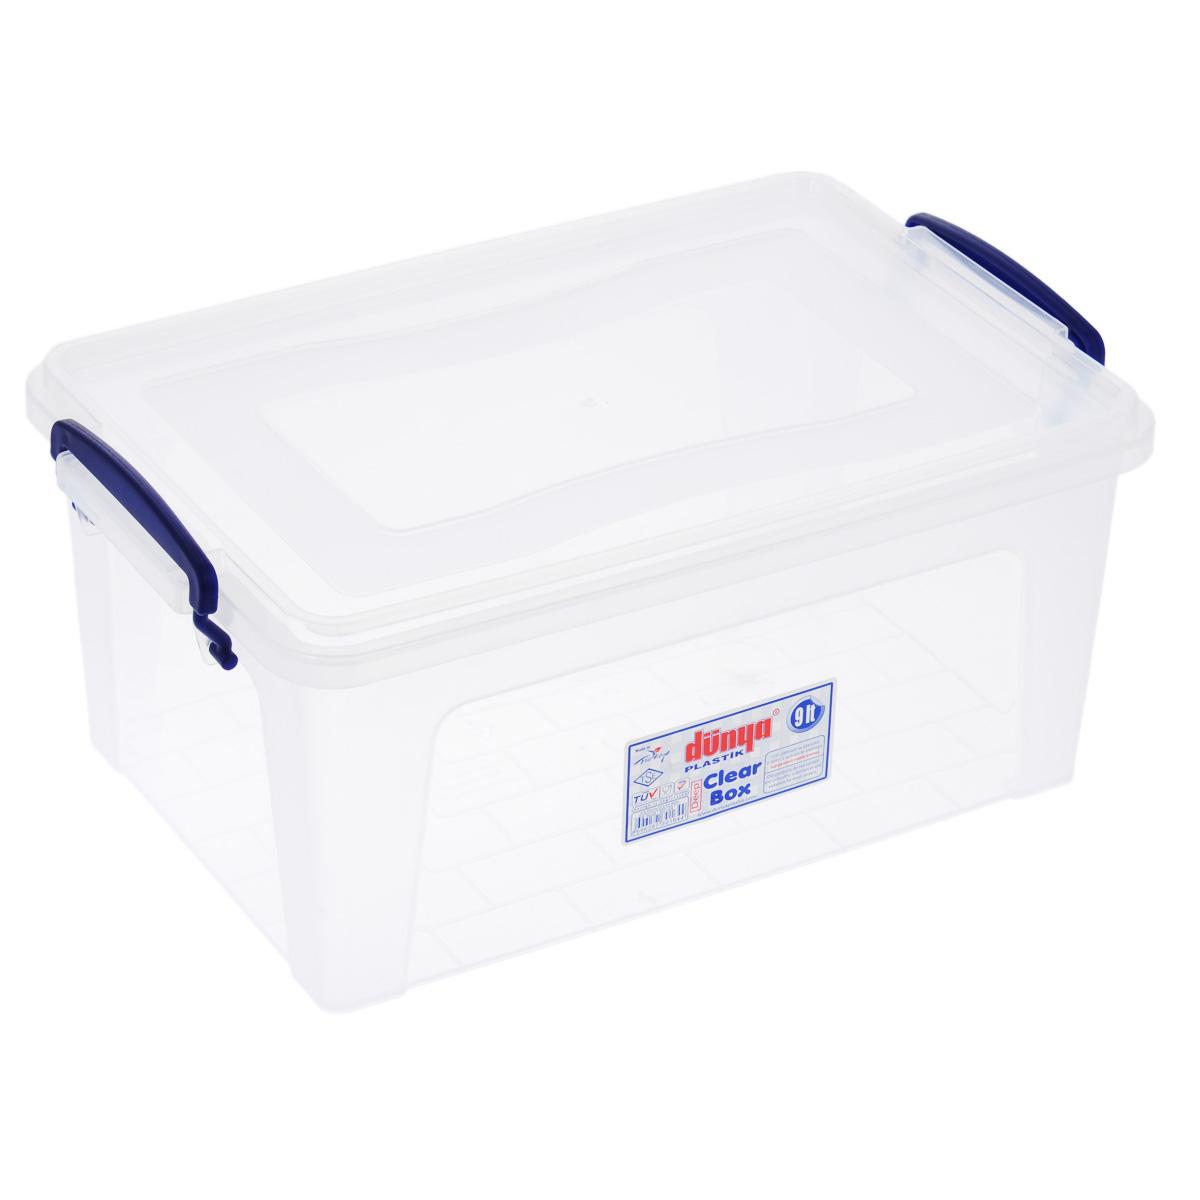 Контейнер Dunya Plastik Clear Box, цвет: прозрачный, 9 л30164Контейнер Dunya Plastik Clear Box выполнен из прочного пластика. Он предназначен для хранения различных мелких вещей. Крышка легко открывается и плотно закрывается. Прозрачные стенки позволяют видеть содержимое. По бокам предусмотрены две удобные ручки темно-синего цвета, с помощью которых контейнер закрывается. Контейнер поможет хранить все в одном месте, а также защитить вещи от пыли, грязи и влаги.